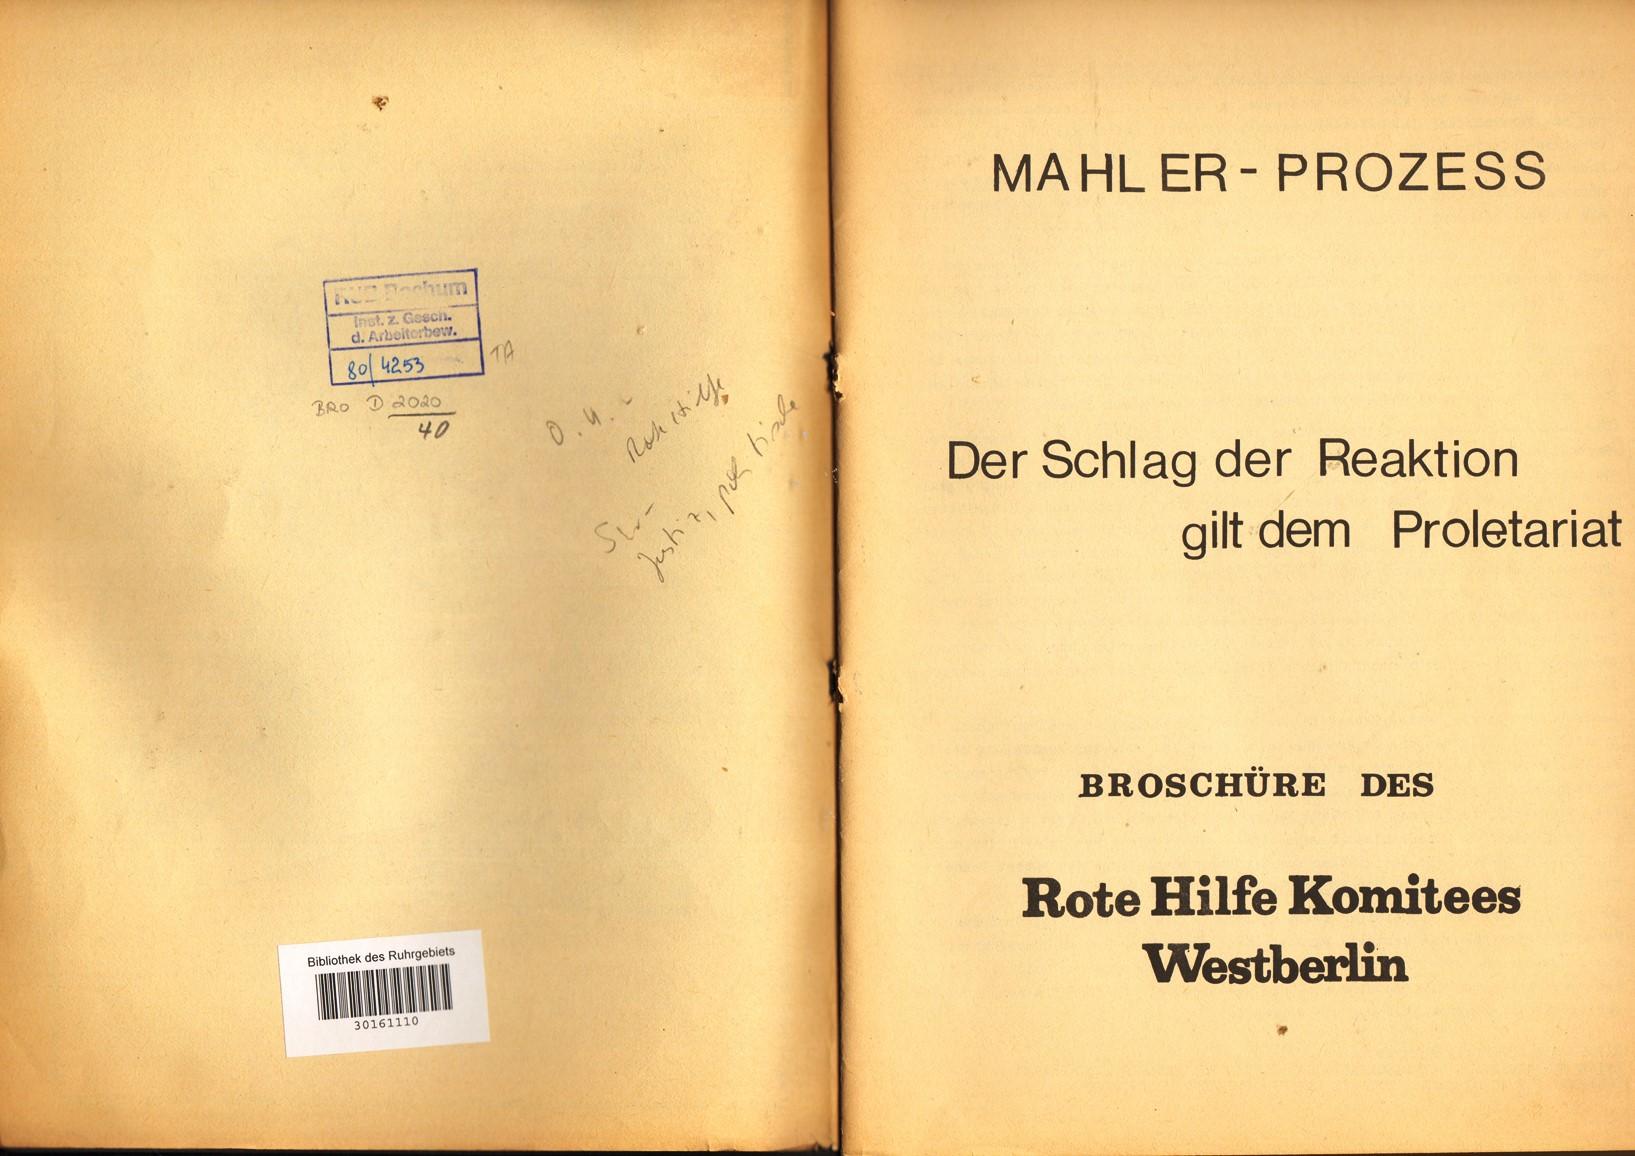 Berlin_RH_1973_zu_Horst_Mahler_02